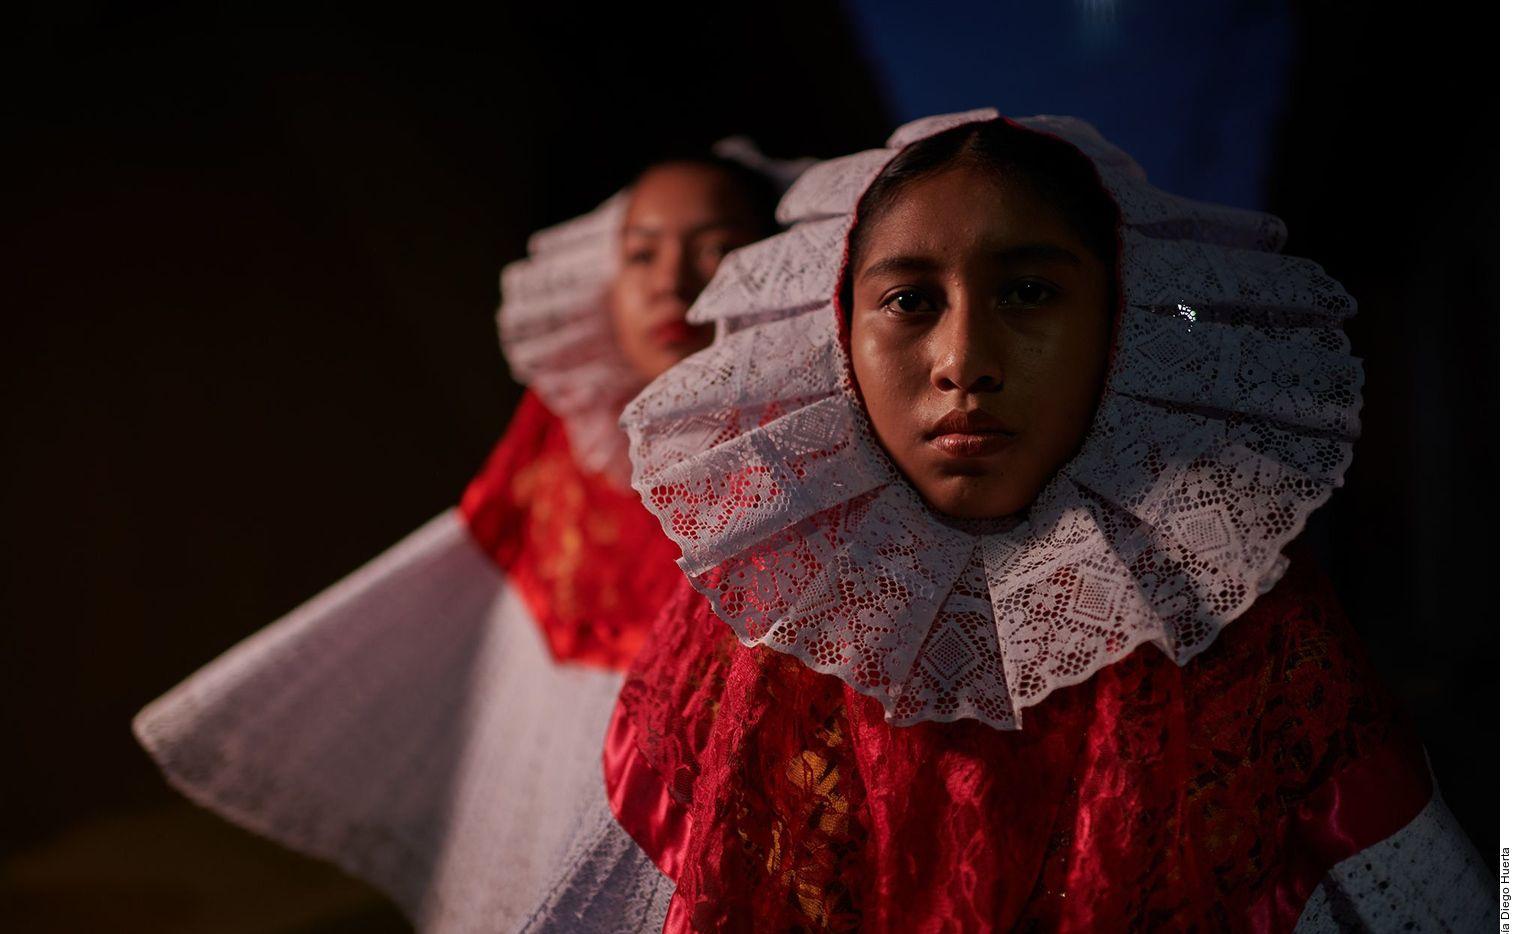 El documental Tehuana, de Diego Huerta, visita los orígenes de esta tradición en el pueblo de Santo Domingo Tehuantepec, en Oaxaca.